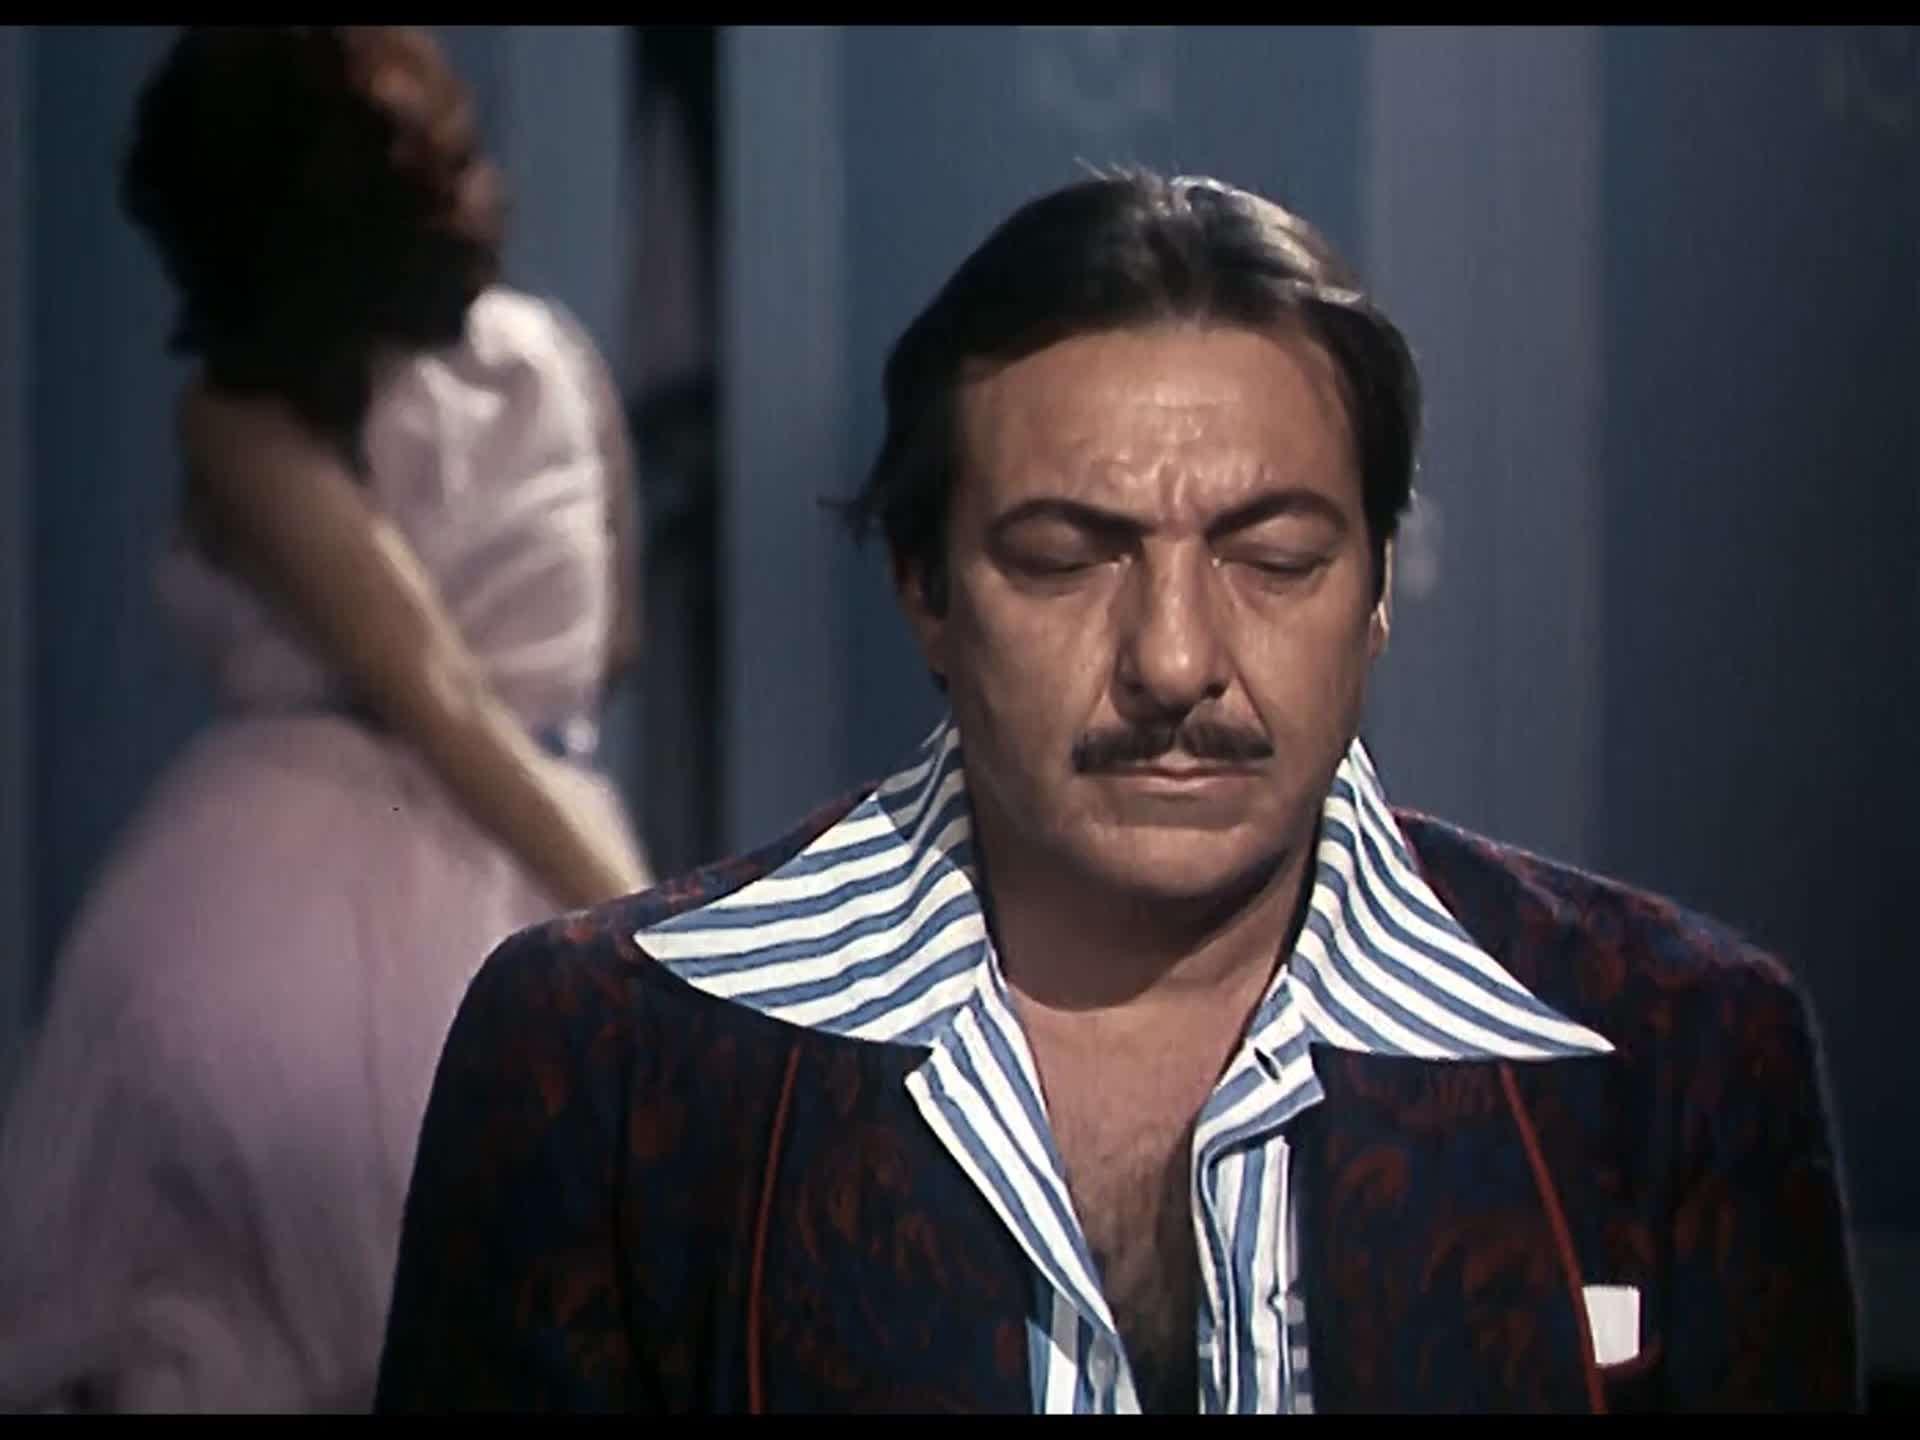 [فيلم][تورنت][تحميل][وراء الشمس][1978][1080p][Web-DL] 8 arabp2p.com